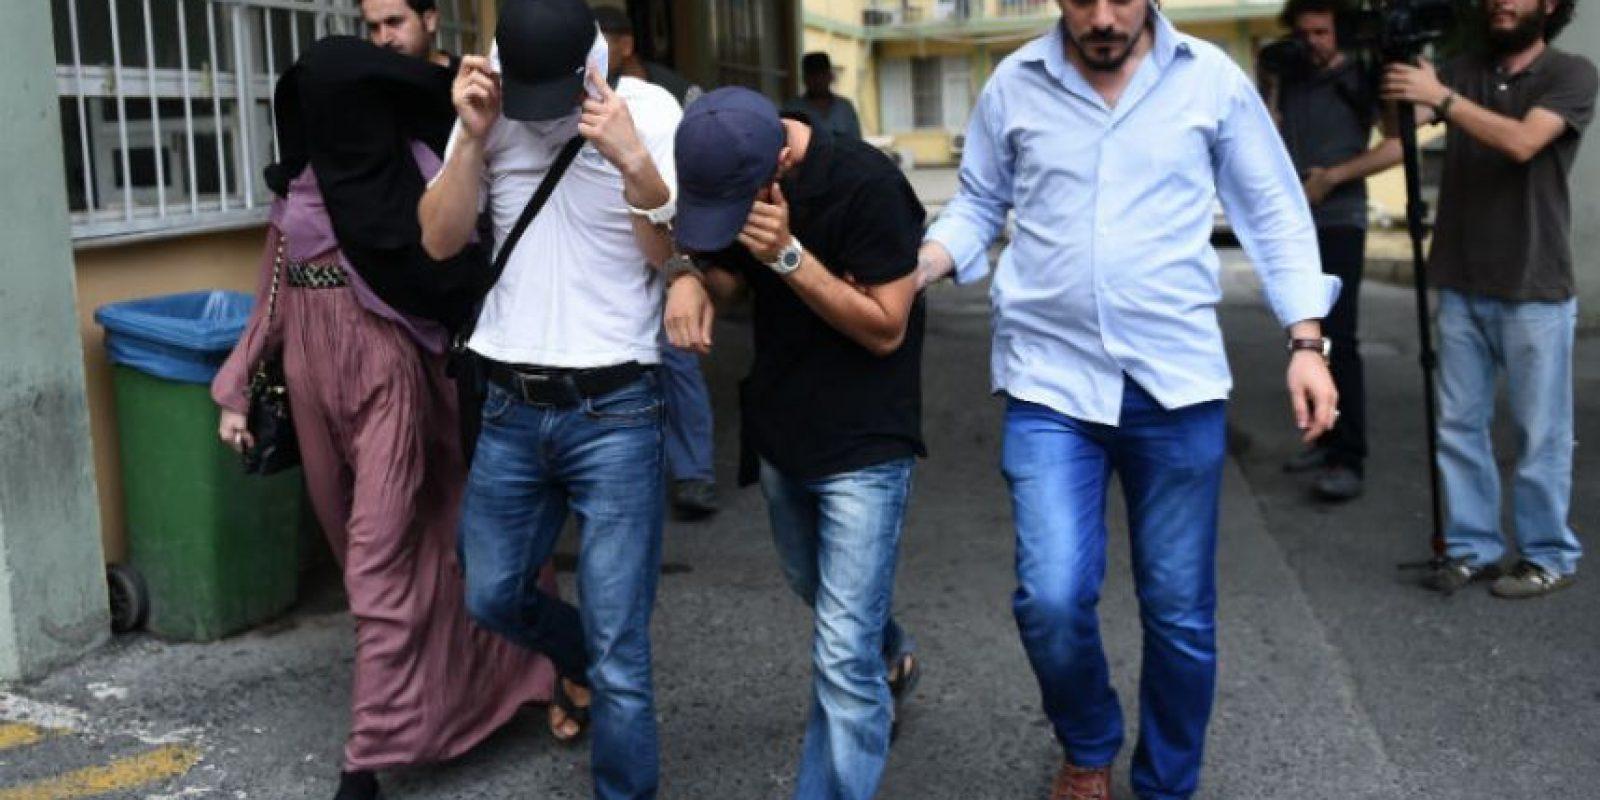 Halis Bayancuk fue detenido durante una redada en Estambul. Foto:AFP